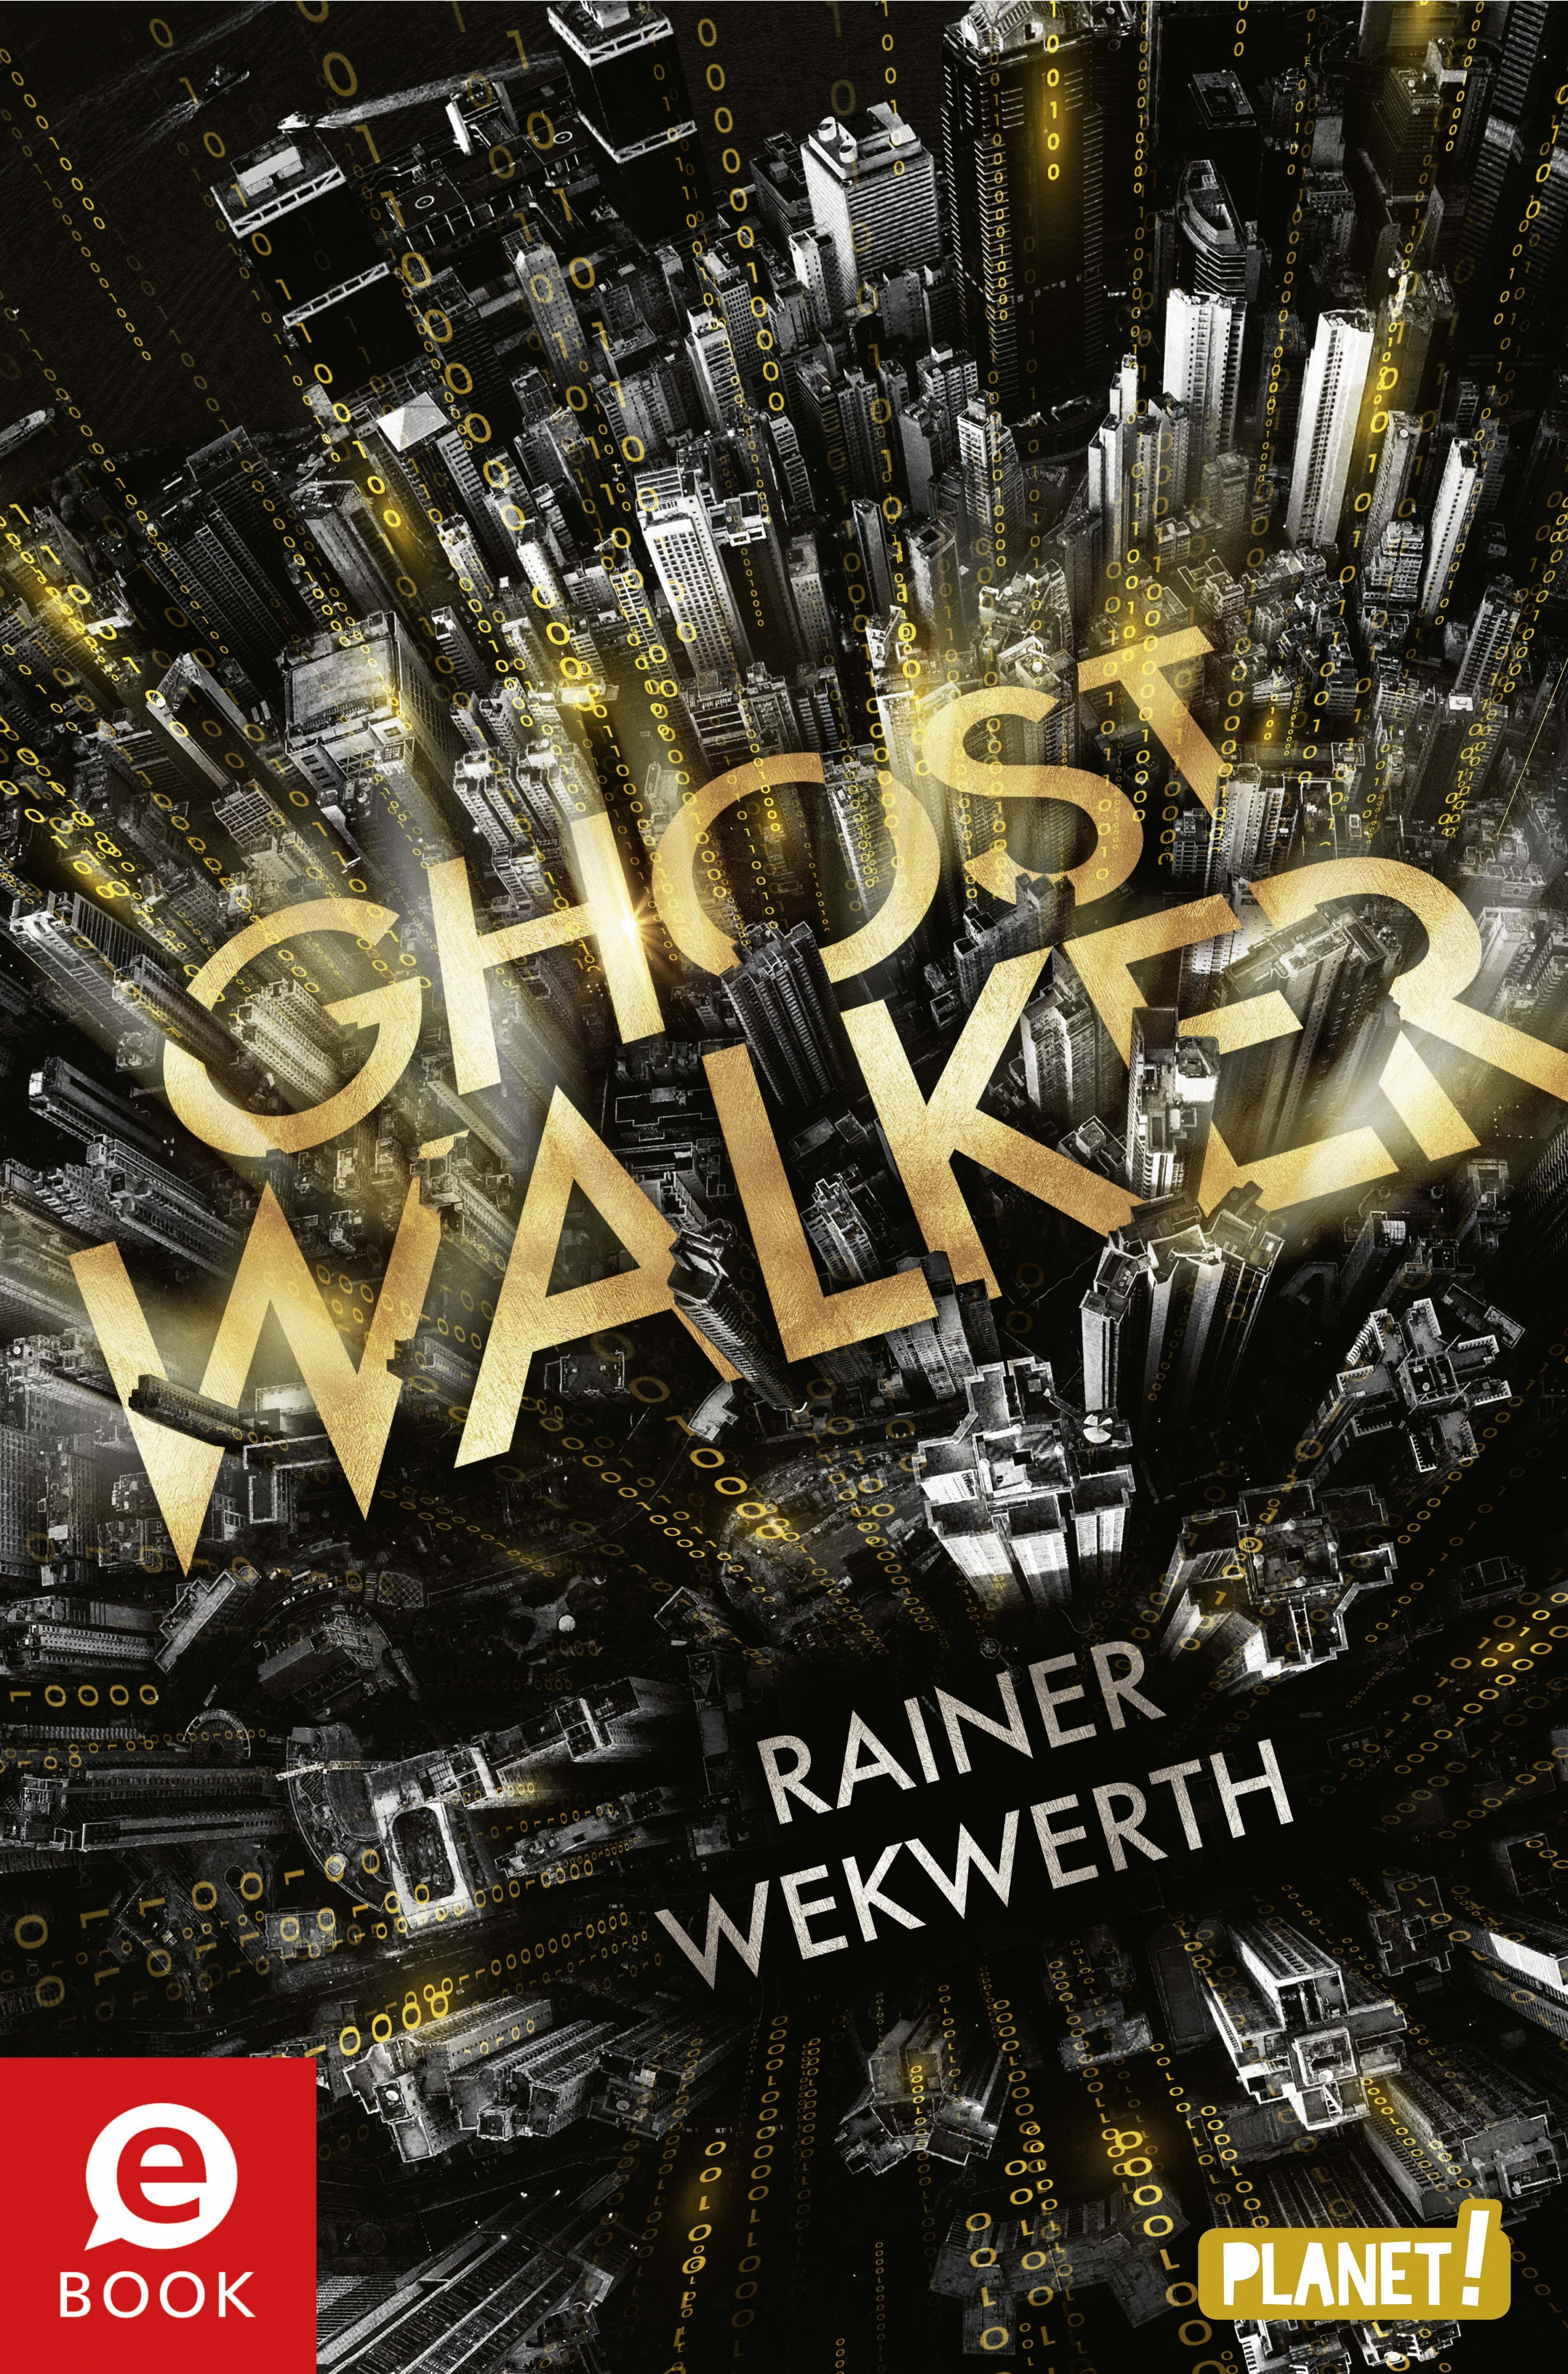 Bücherblog. Neuerscheinungen. Buchcover. Ghostwalker von Rainer Wekwerth. Jugendbuch. Science Fiction. Planet!.